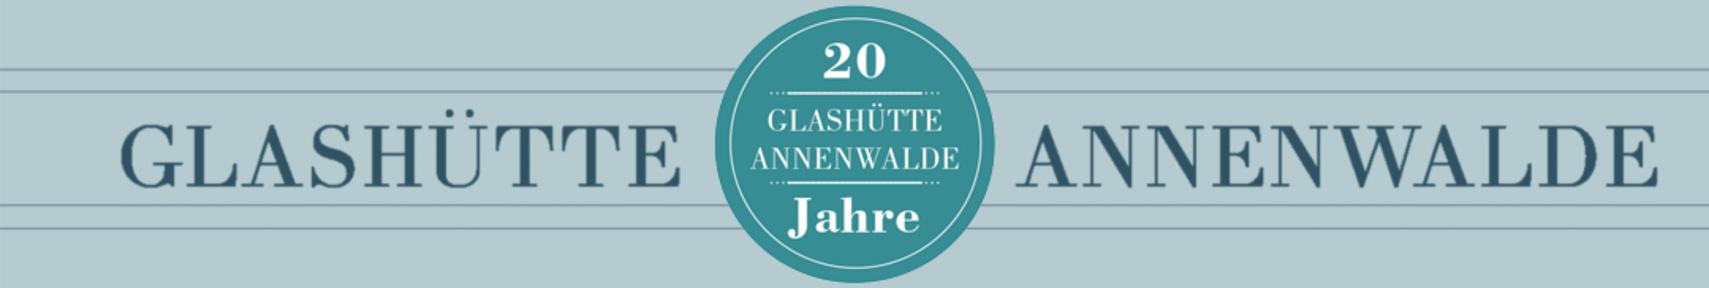 Glashütte Annenwalde